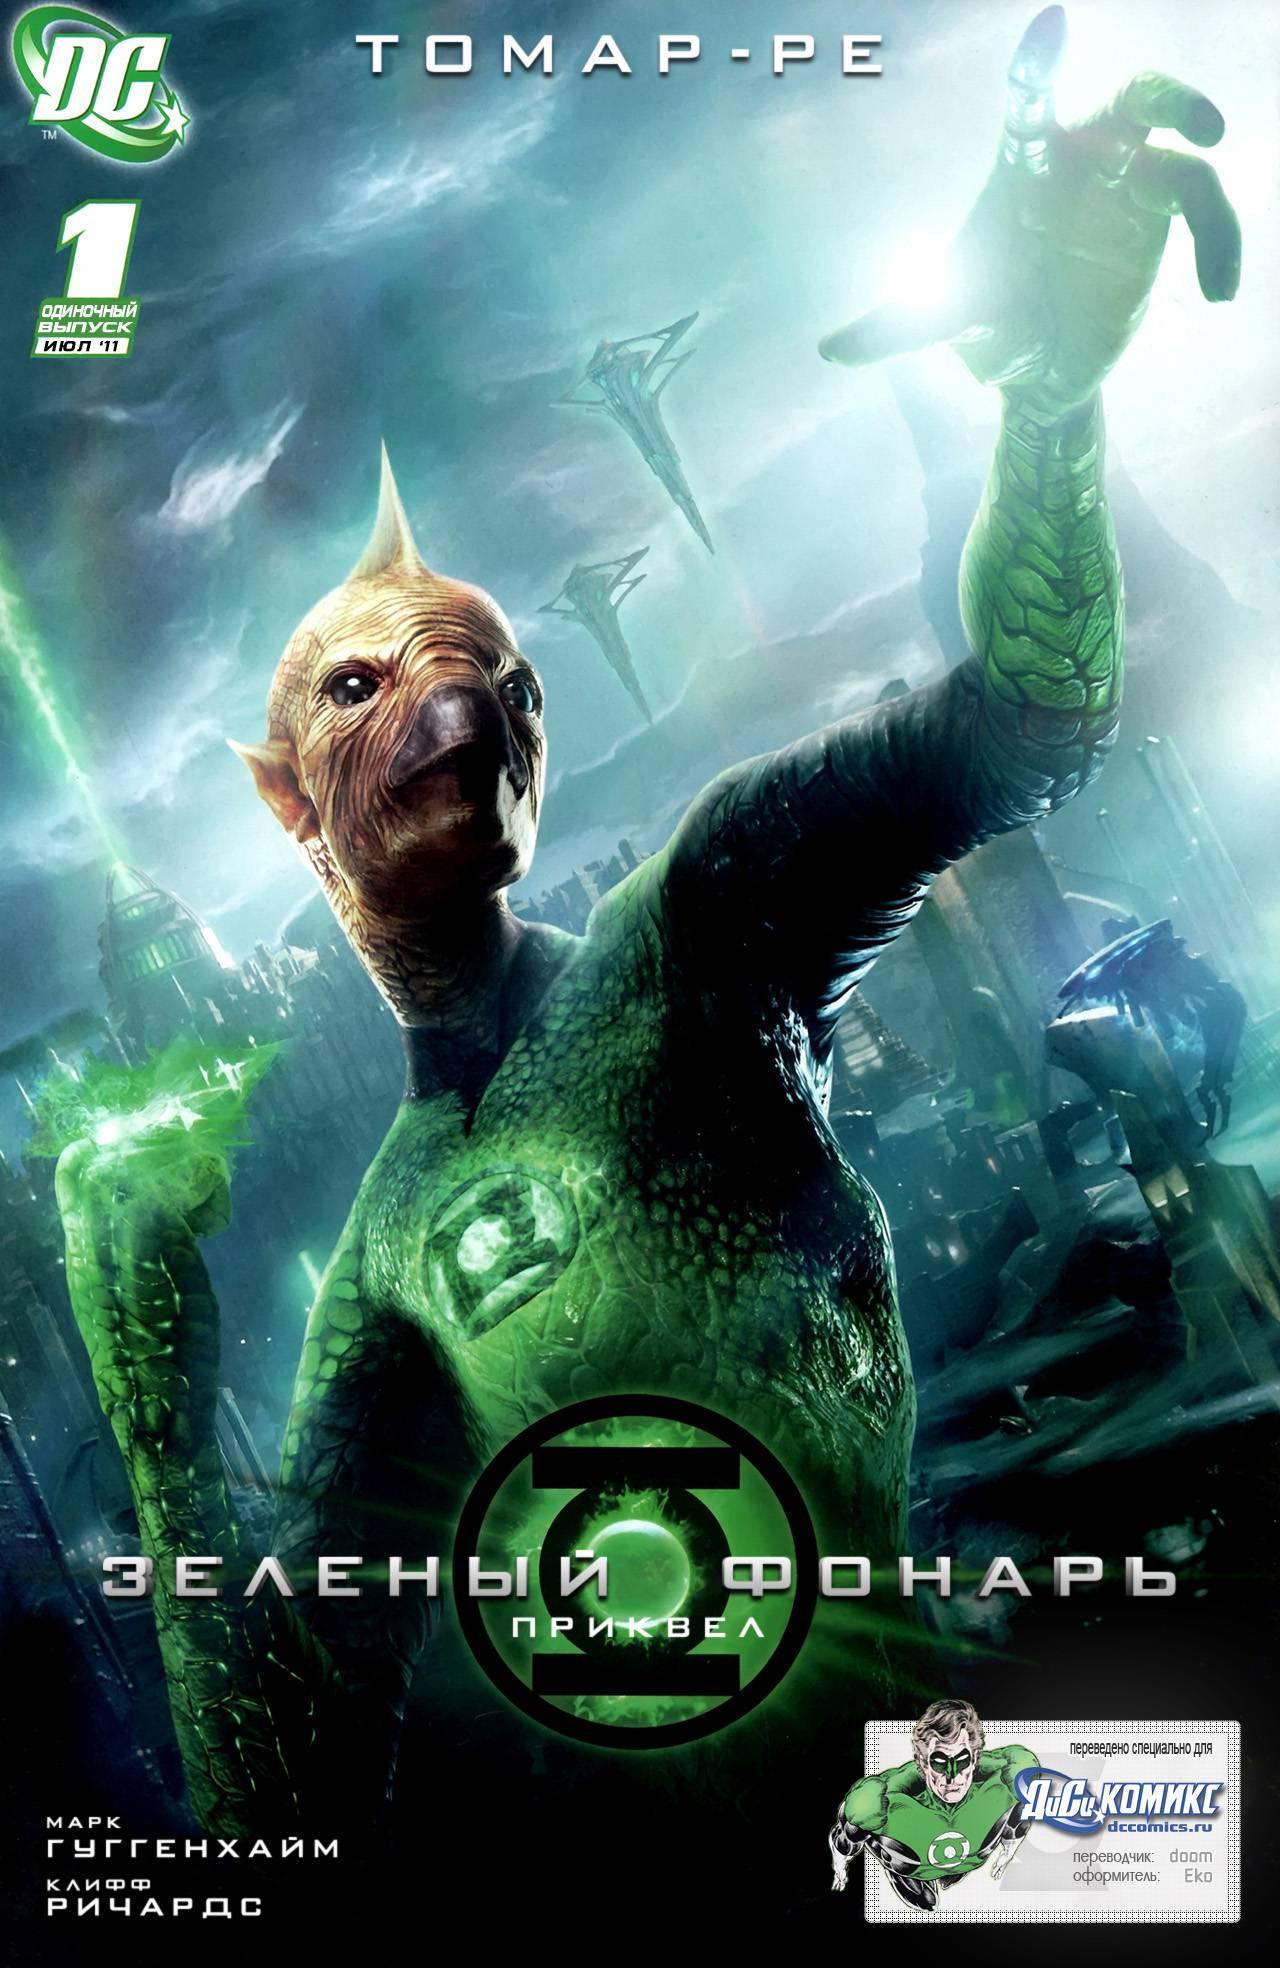 Зелёный Фонарь Приквел к Фильму: Томар-Ре онлайн